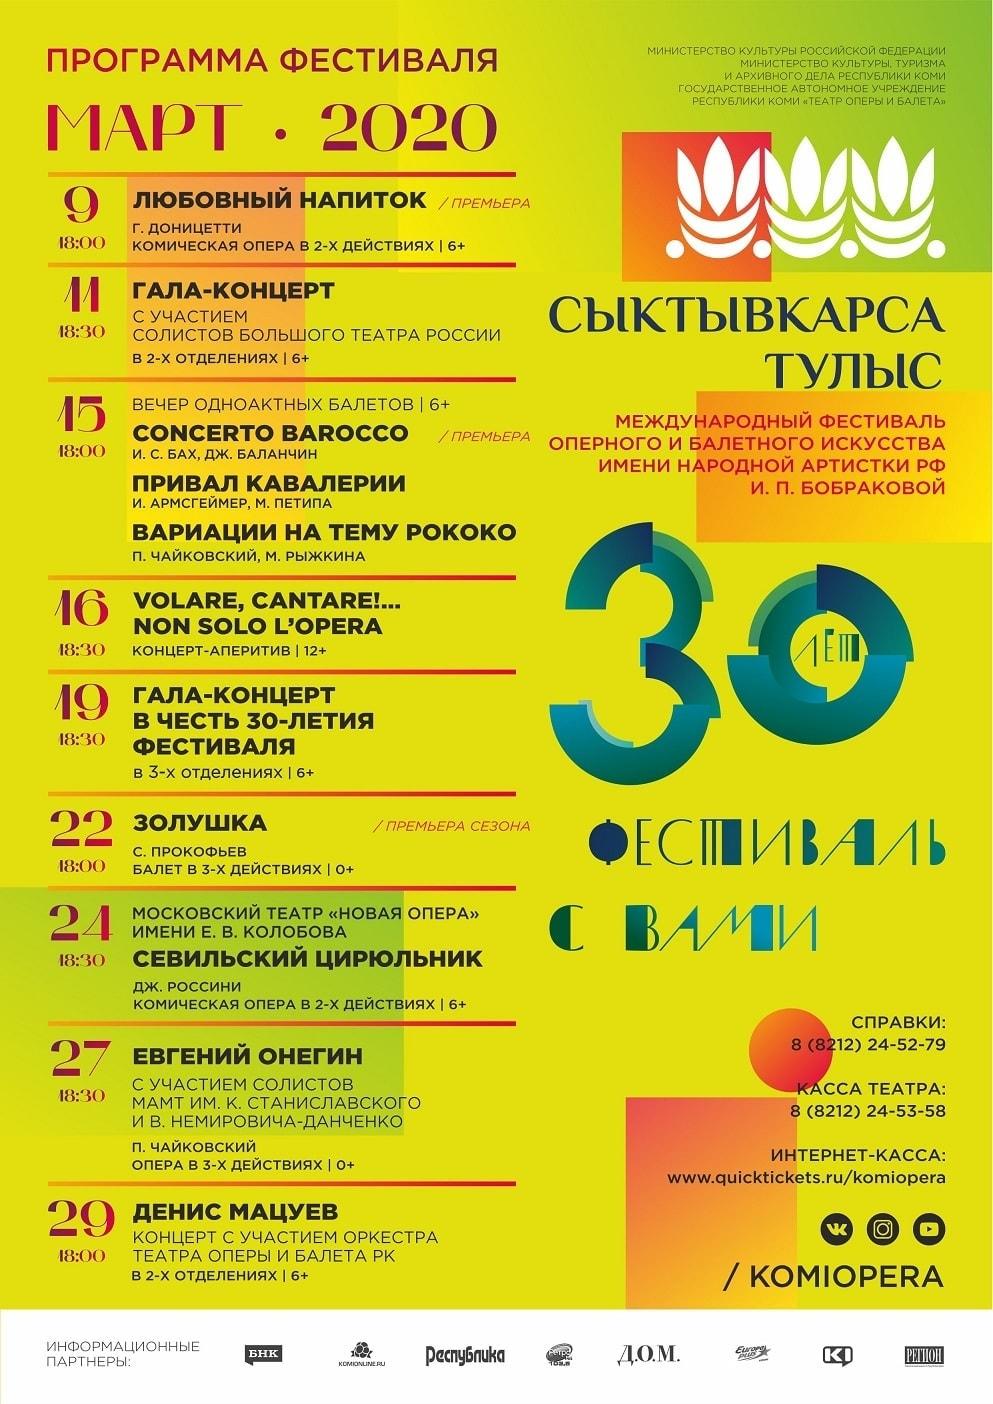 С 9 по 29 марта 2020 в Республике Коми пройдёт XXX международный фестиваль оперного и балетного искусства «Сыктывкарса тулыс»